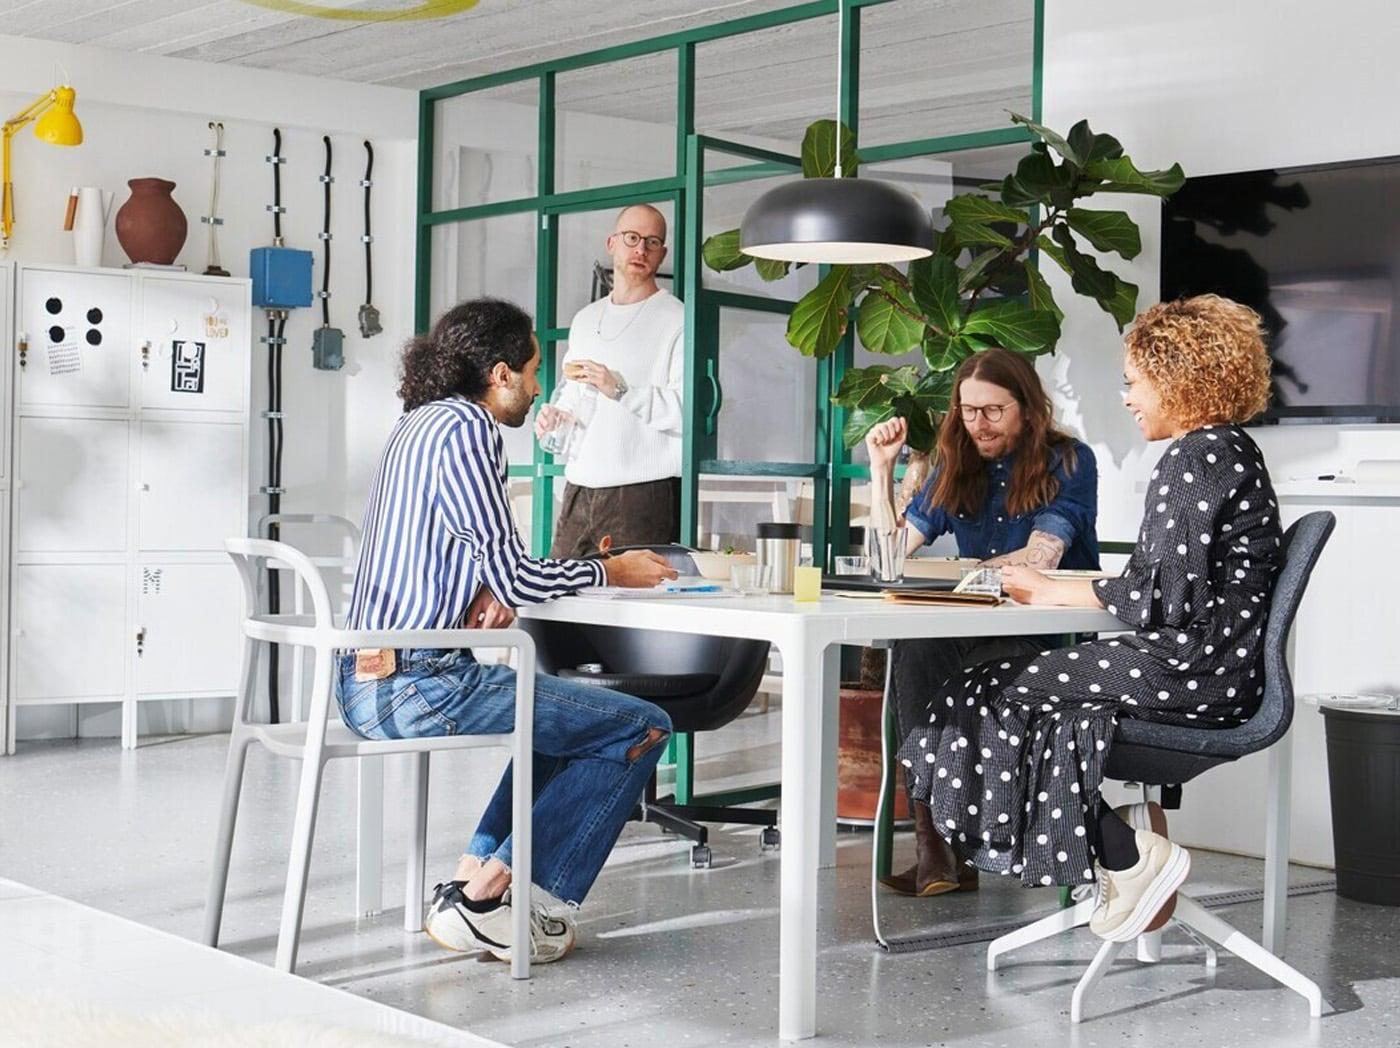 4 személy ül egy asztal körül